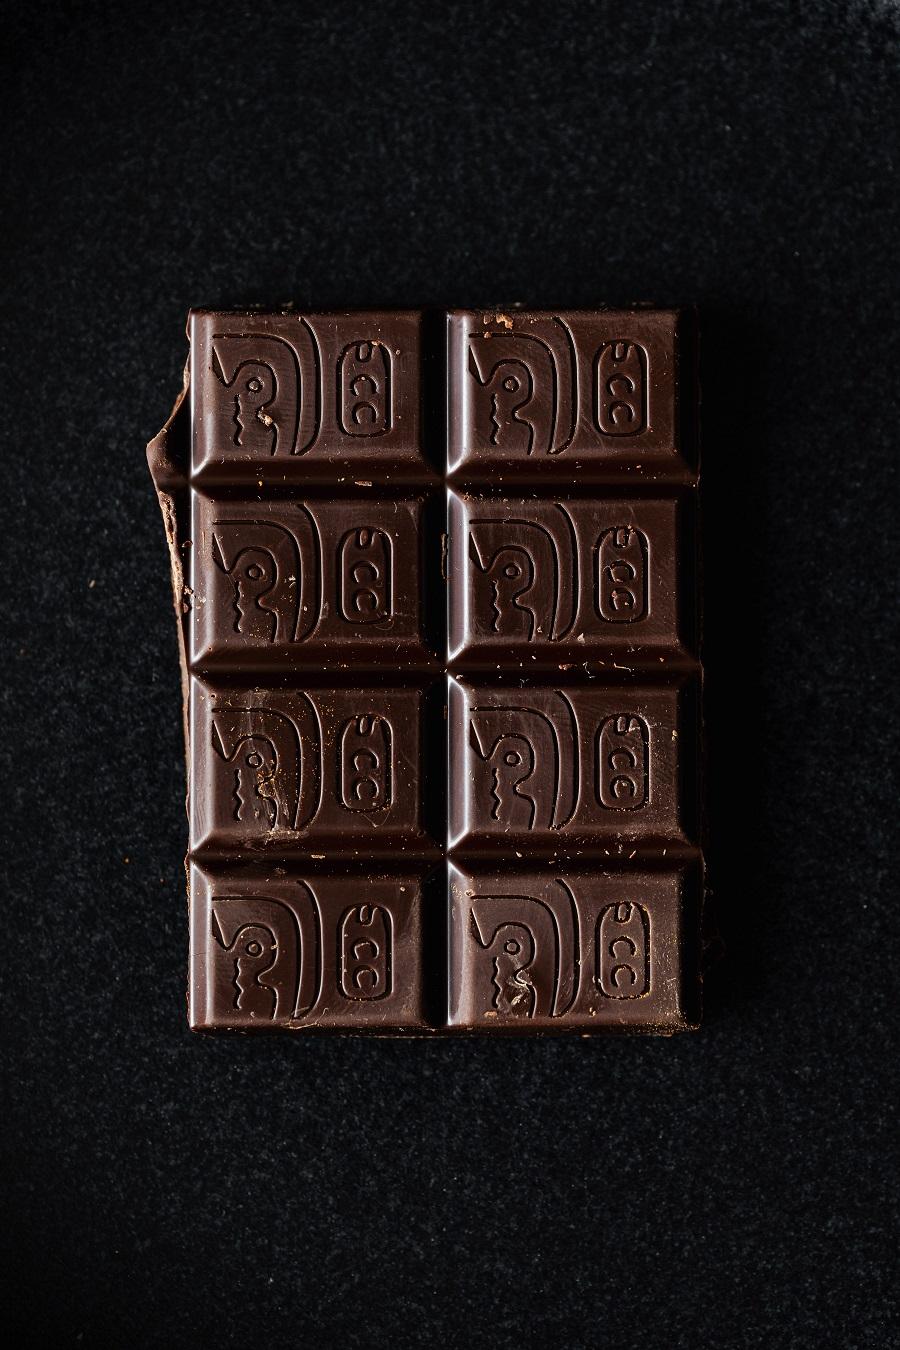 Il retrogusto amaro dello zucchero e del cacao